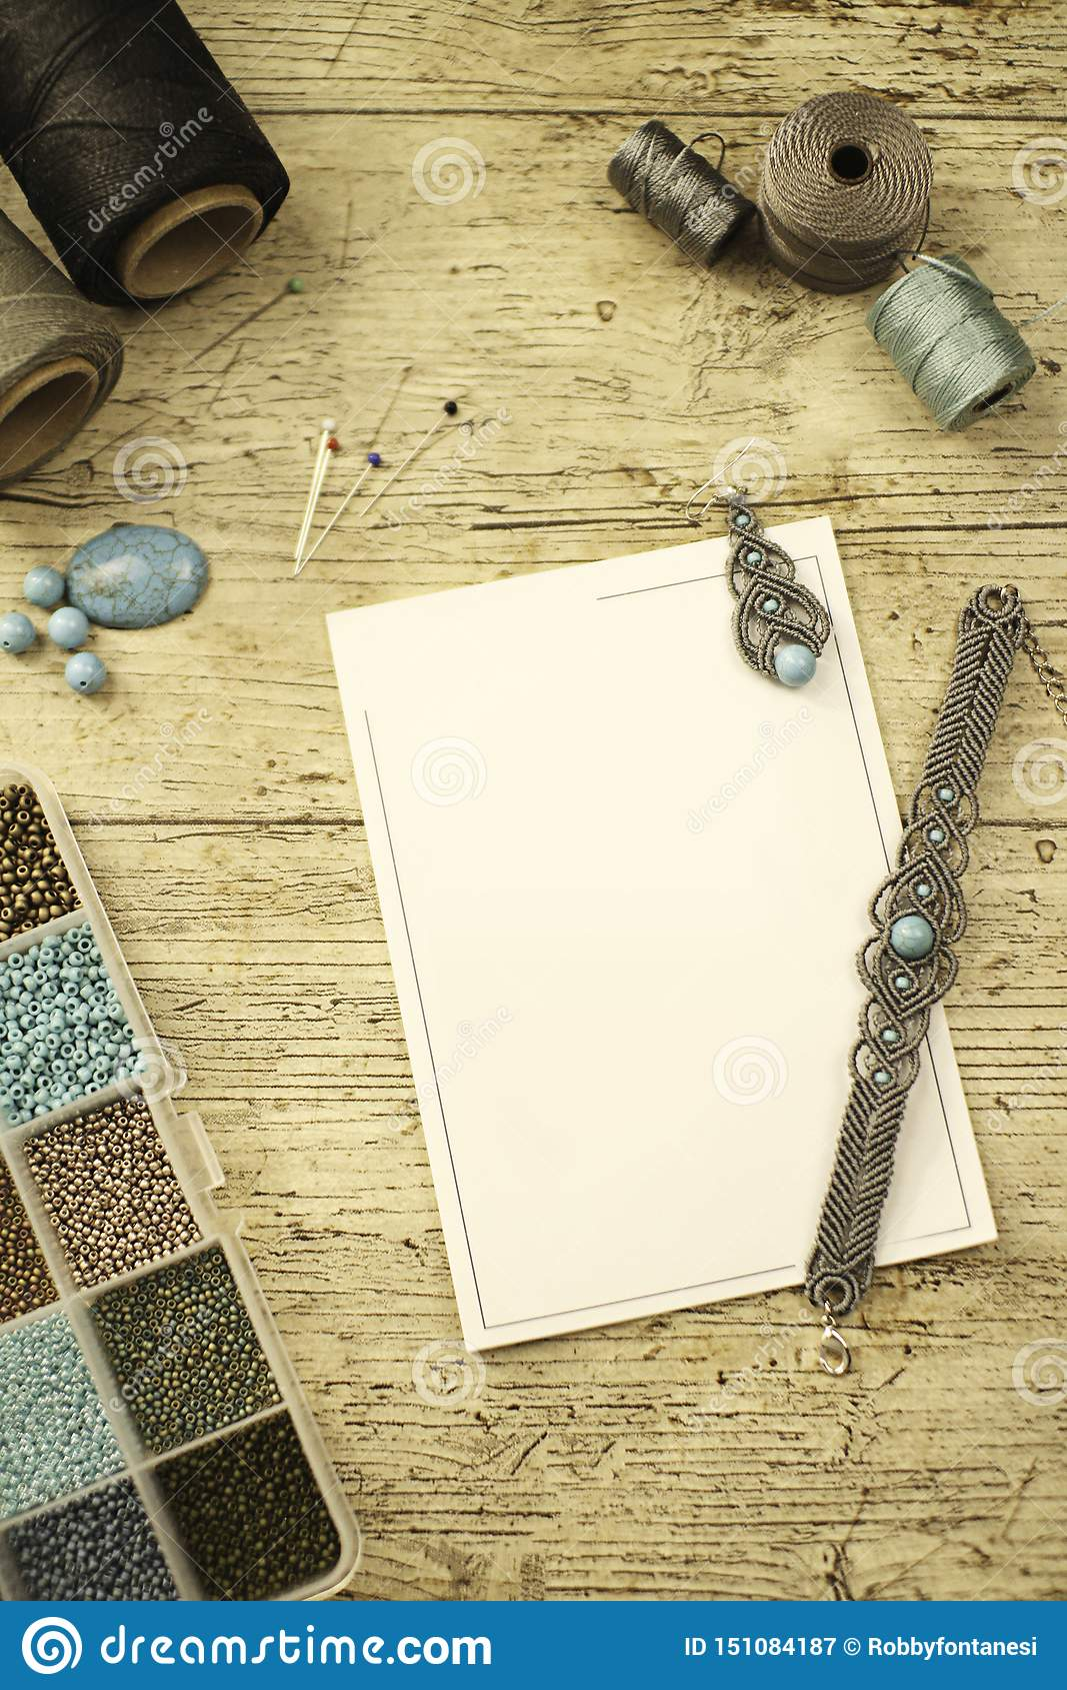 Draufsicht eines Holztischs mit Werkzeugen, Spulen des Fadens, den Natursteinen und farbigen Perlen, zum des Makrameeschmucks, mi